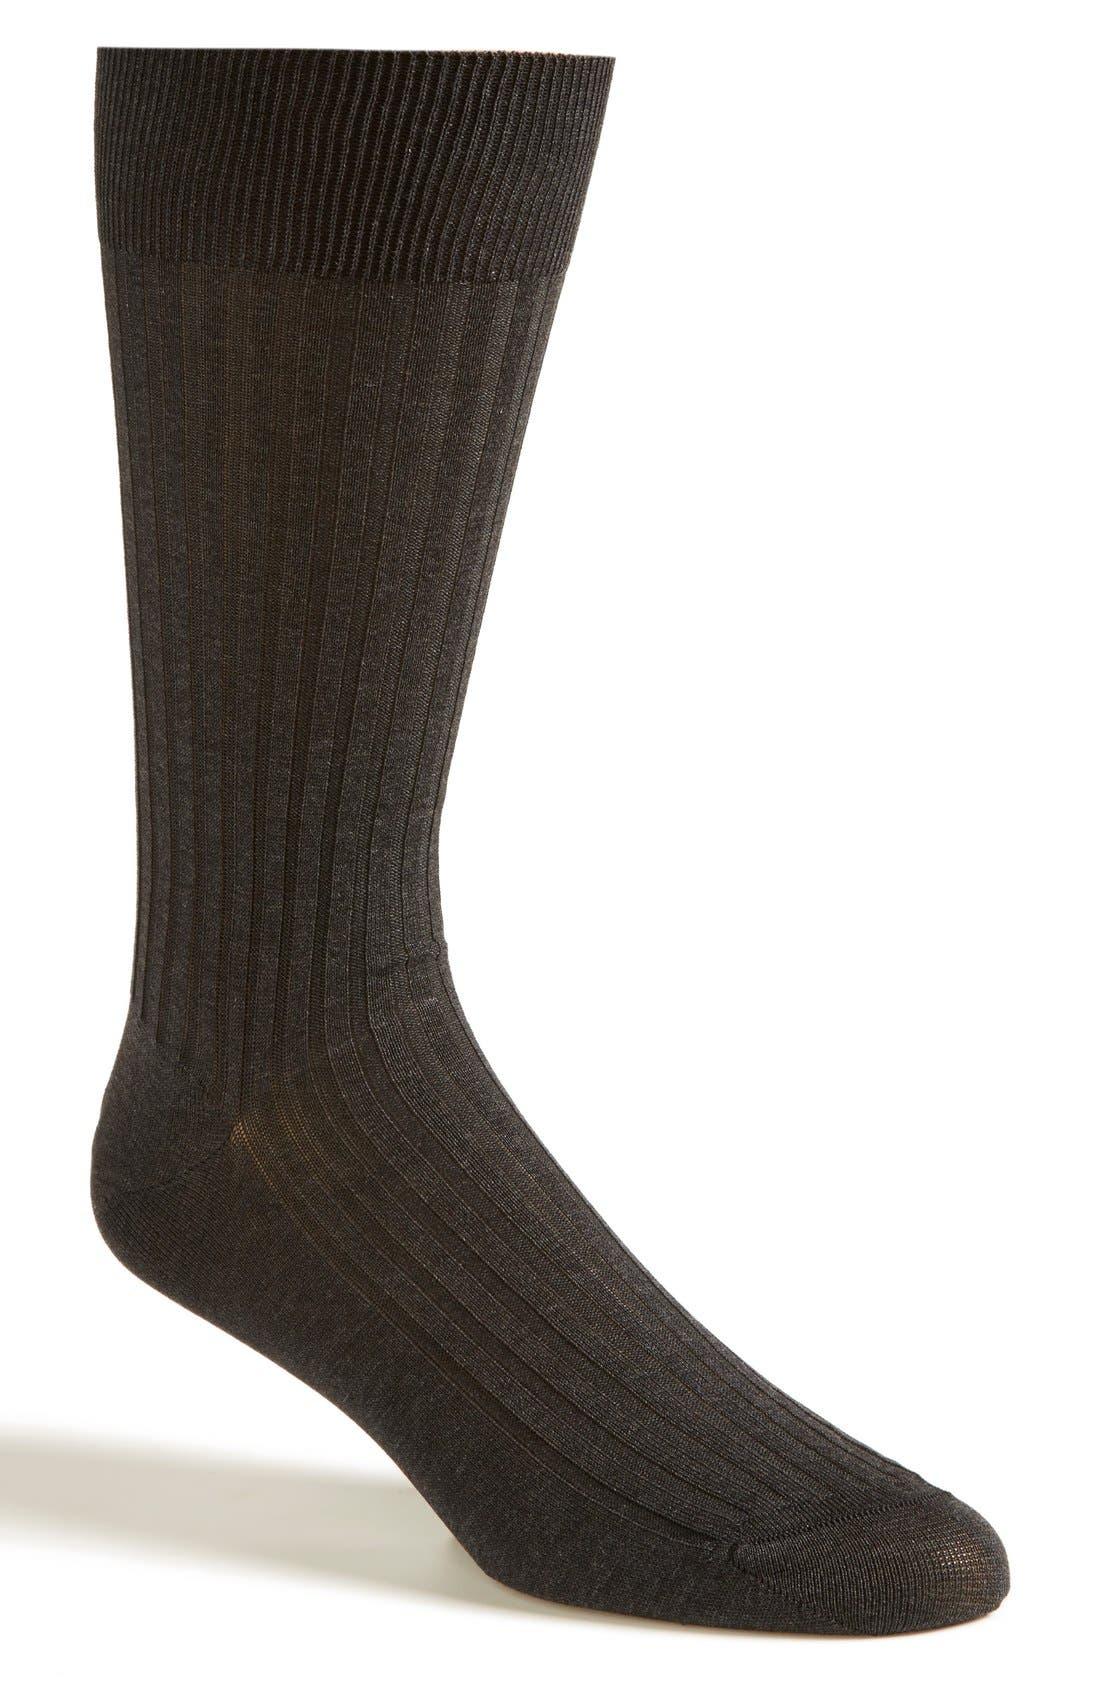 PANTHERELLA, Cotton Blend Mid Calf Dress Socks, Main thumbnail 1, color, DARK GREY 08